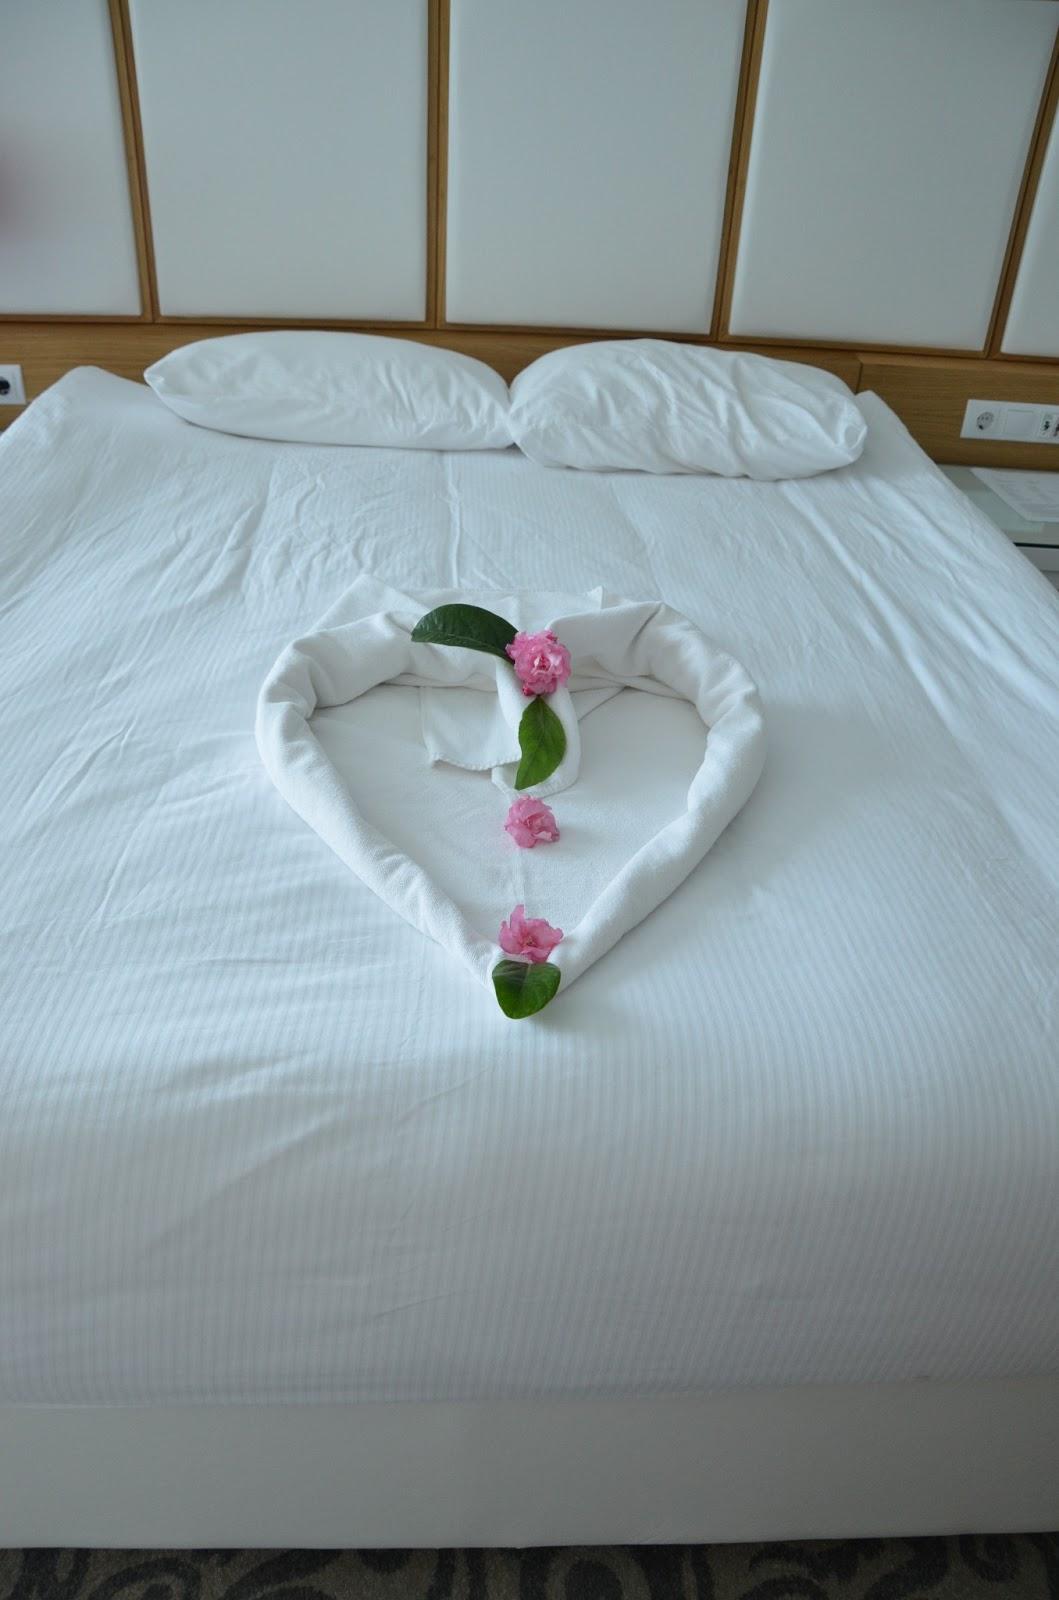 Секс в лепестках роз на кровати 9 фотография